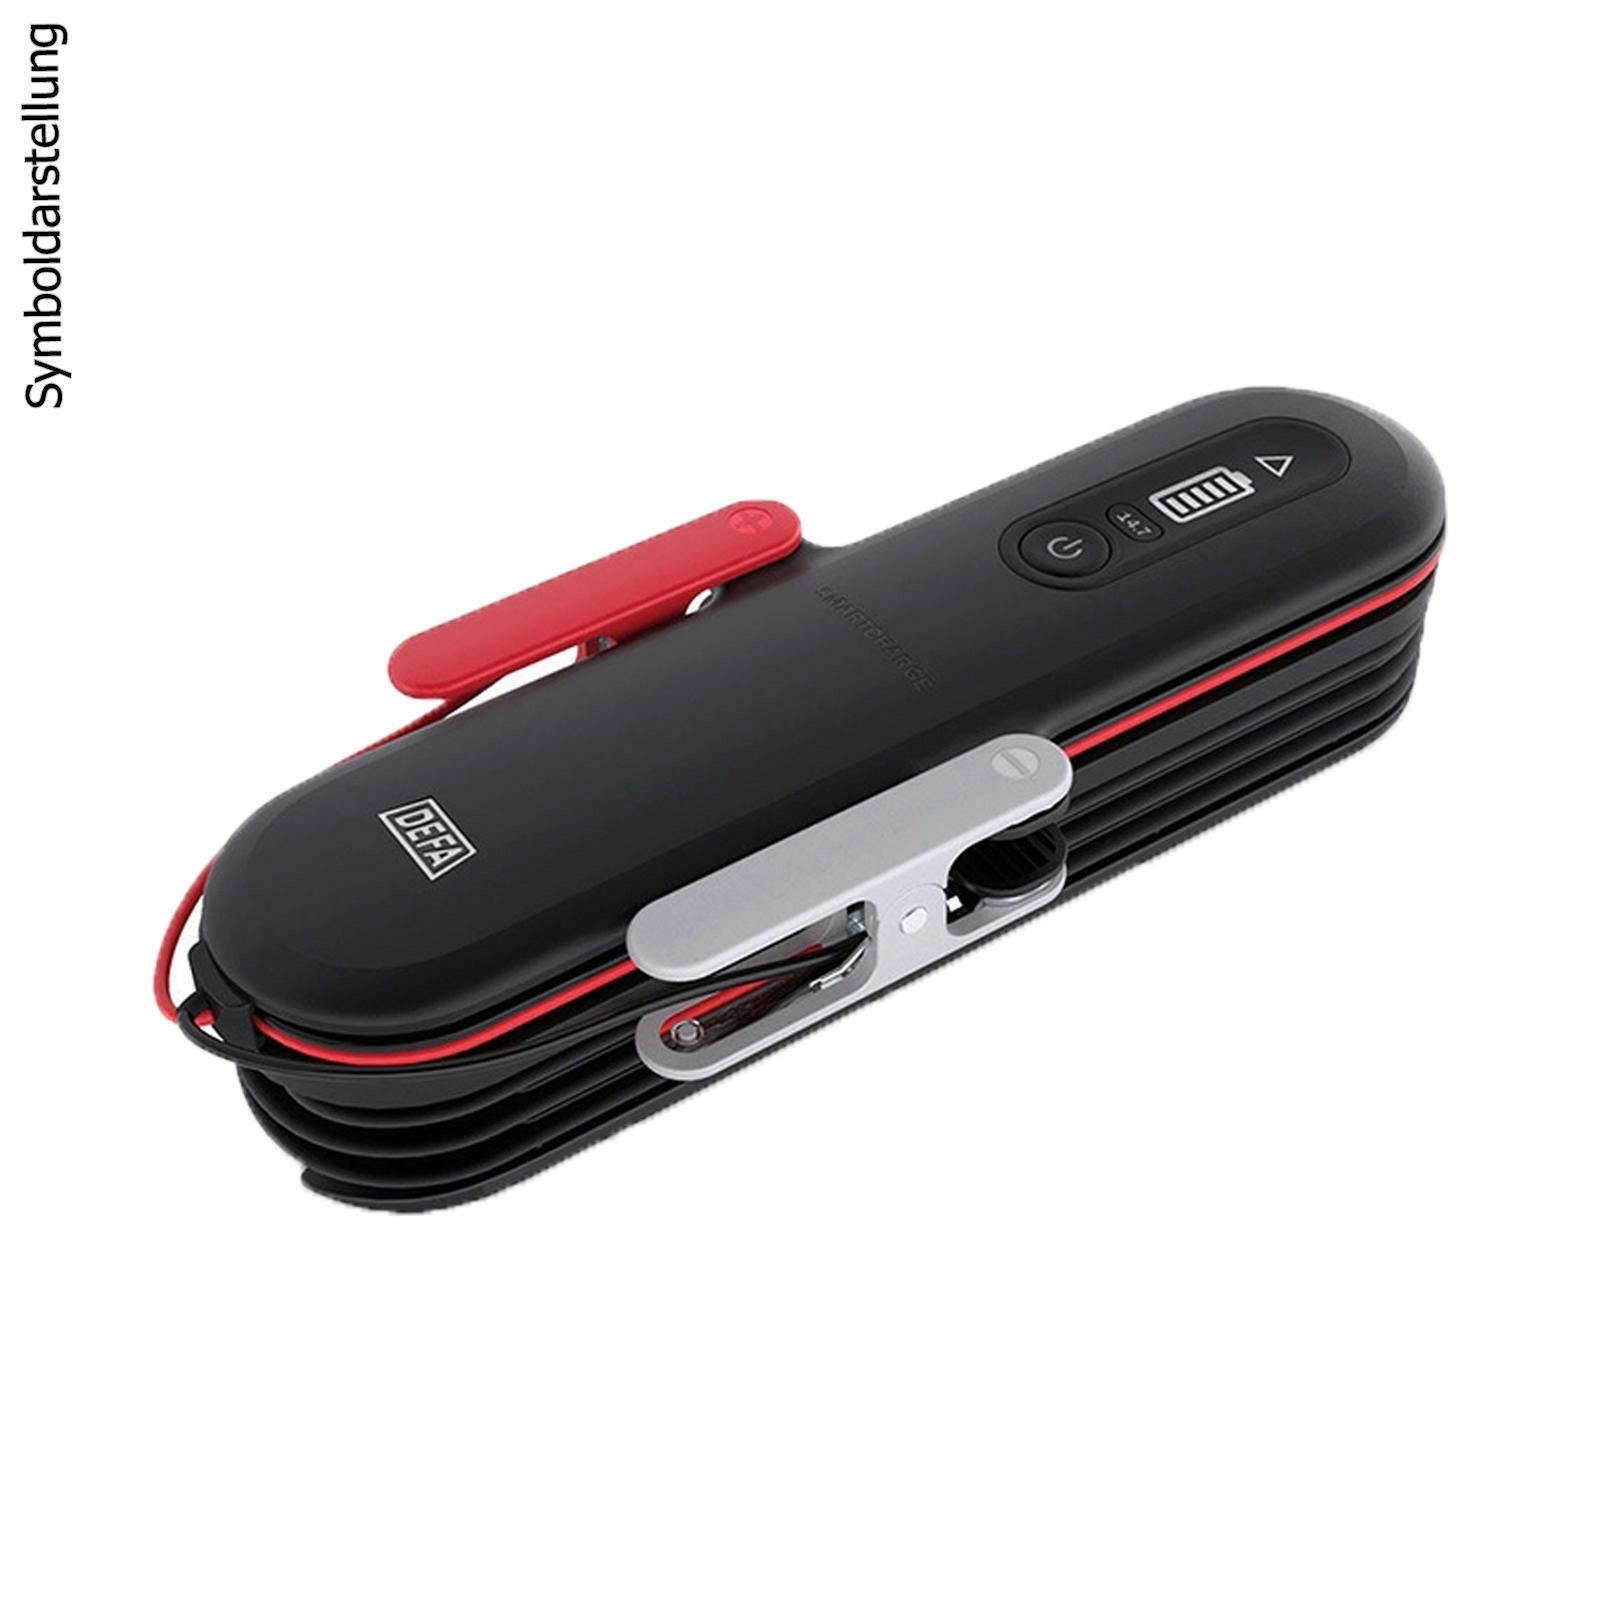 DEFA Batterieladegerät SmartCharge 12V 4A 2 - 110Ah